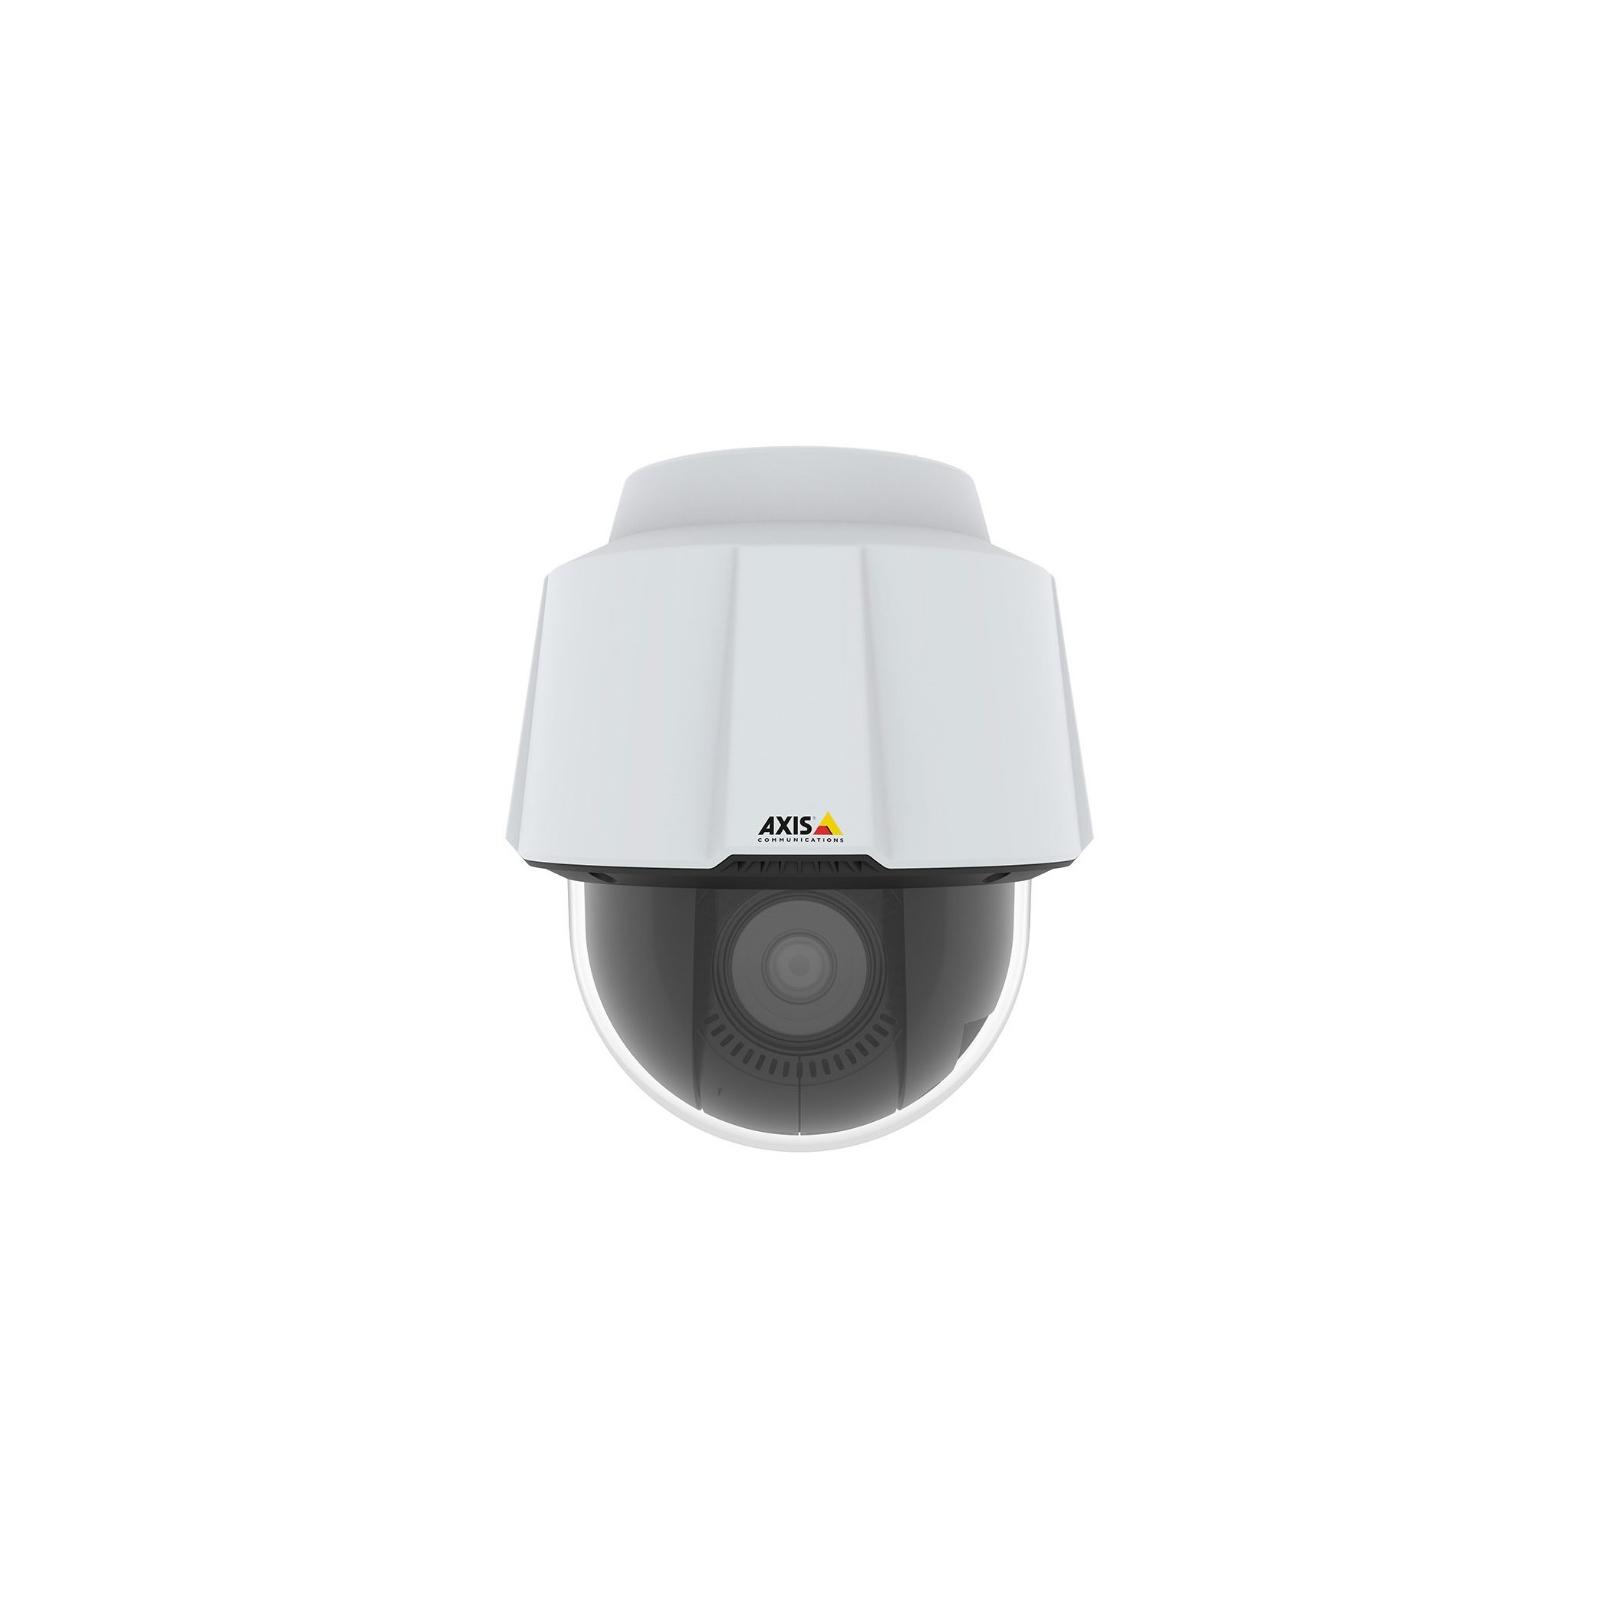 Камера видеонаблюдения Axis P5655-E 50HZ (PTZ 32x) (01681-001) изображение 2